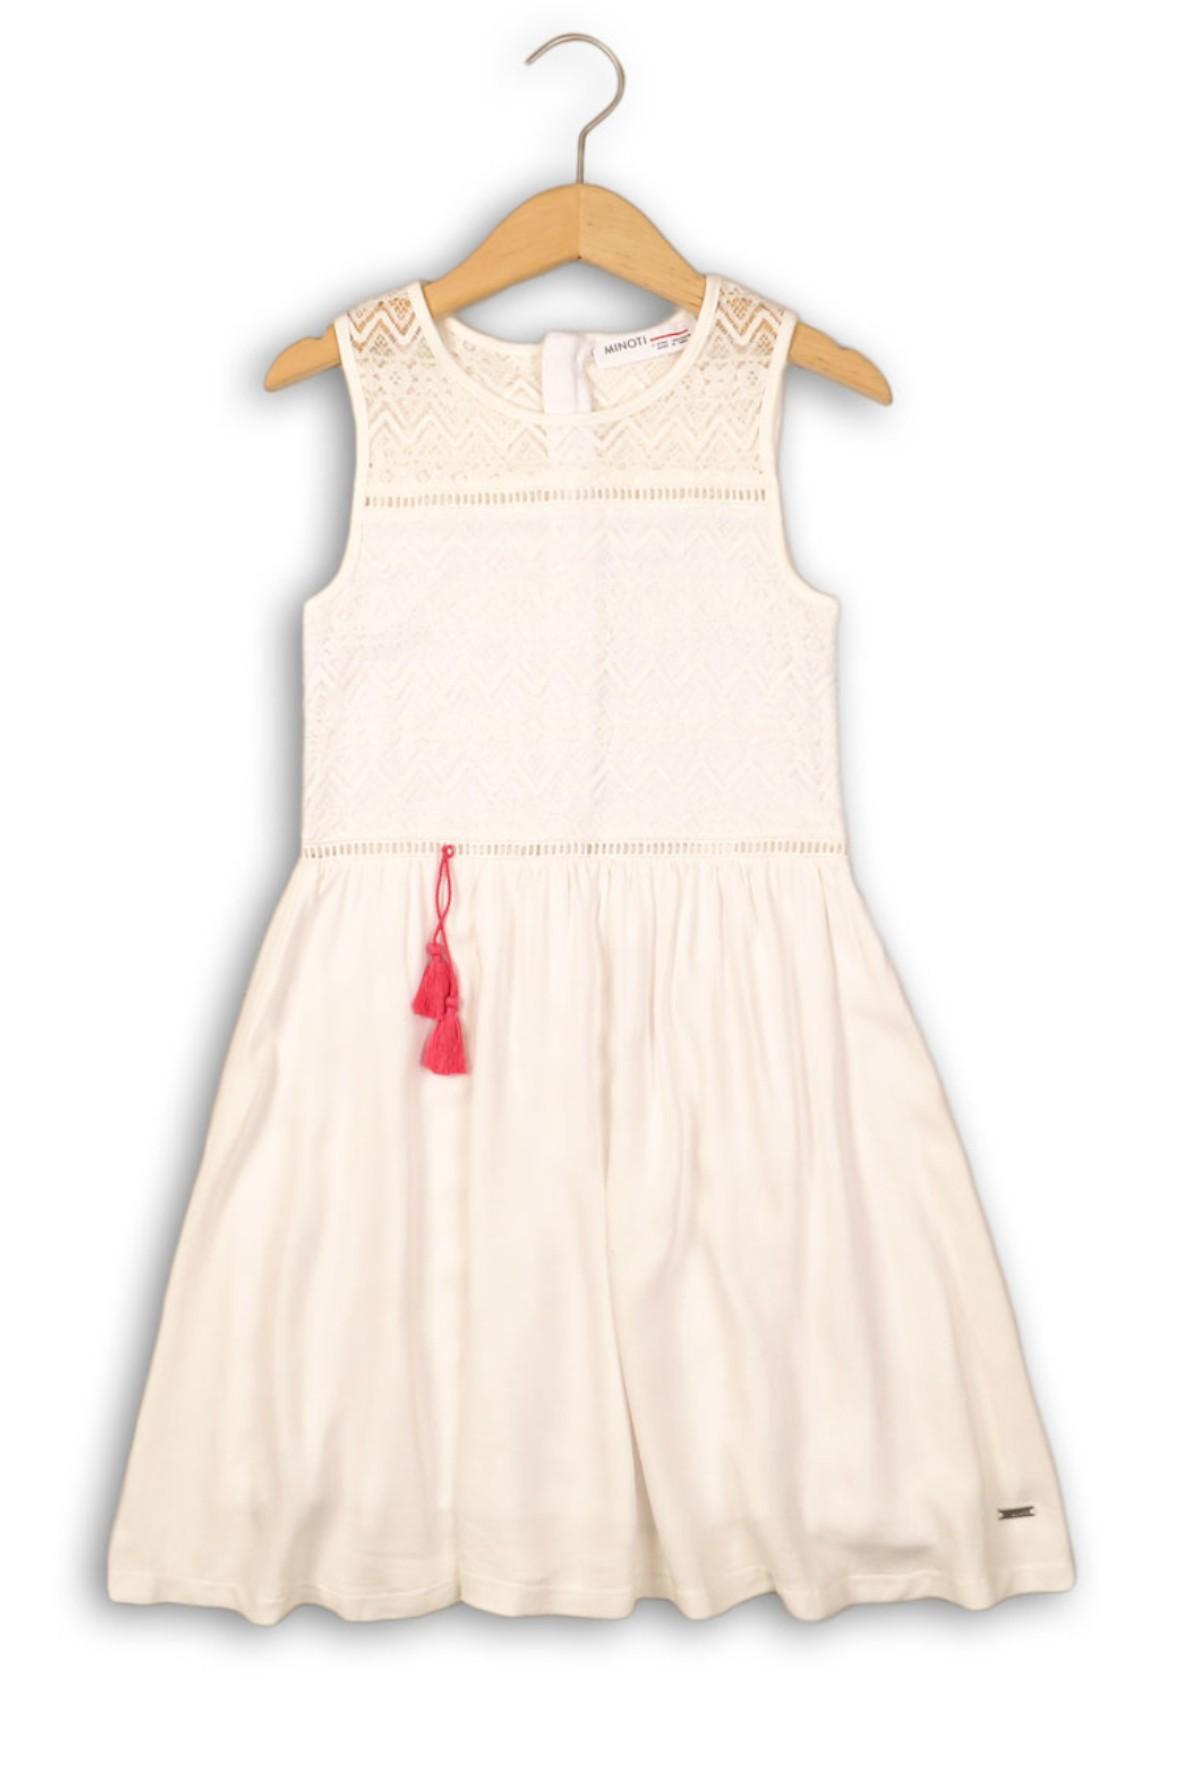 Elegancka biała sukienka dziewczęca z ażurową górą